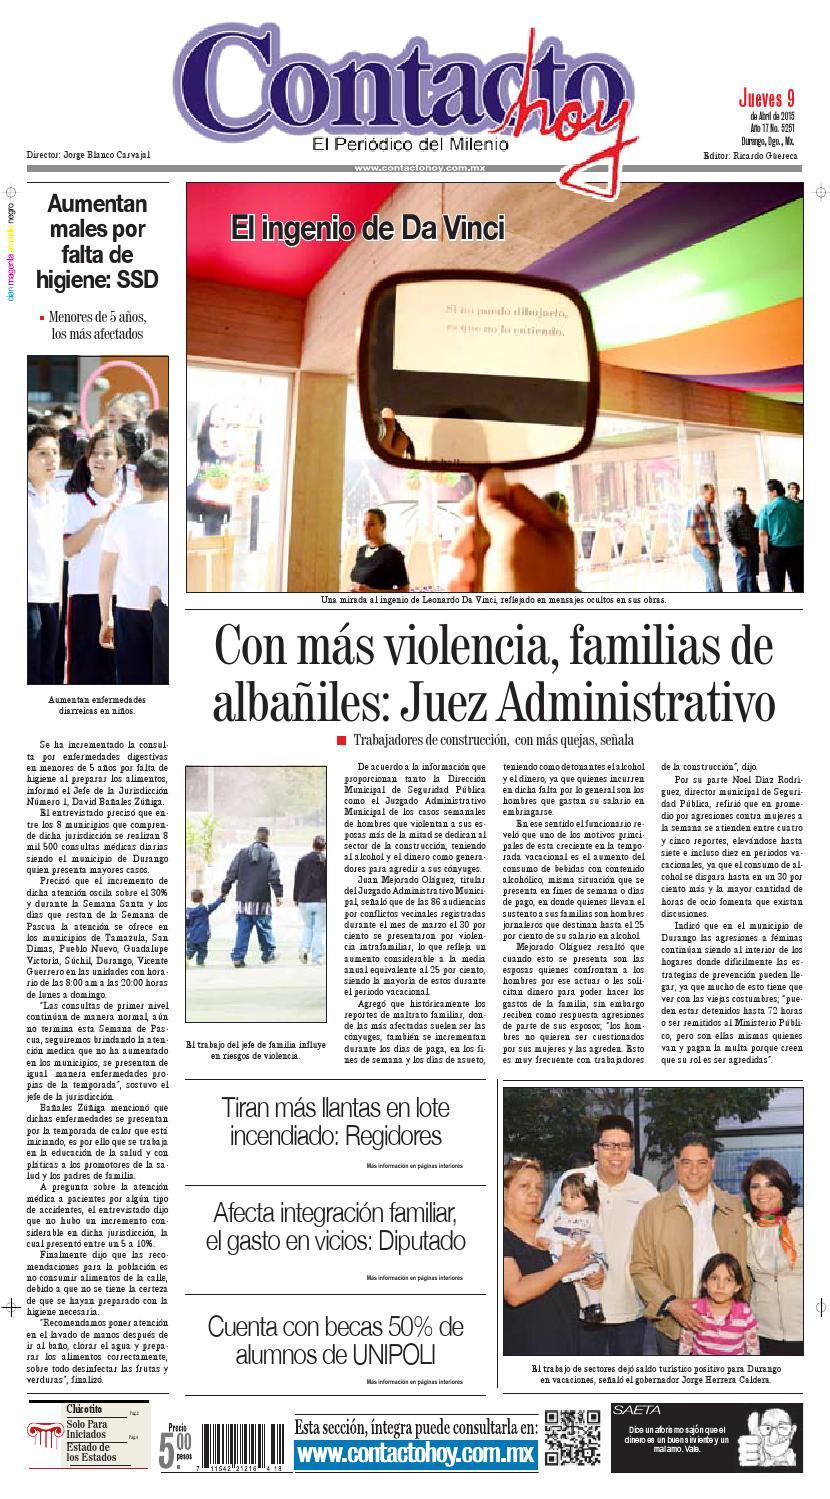 Contacto hoy del 9 de abril del 2015 by Contacto hoy - issuu